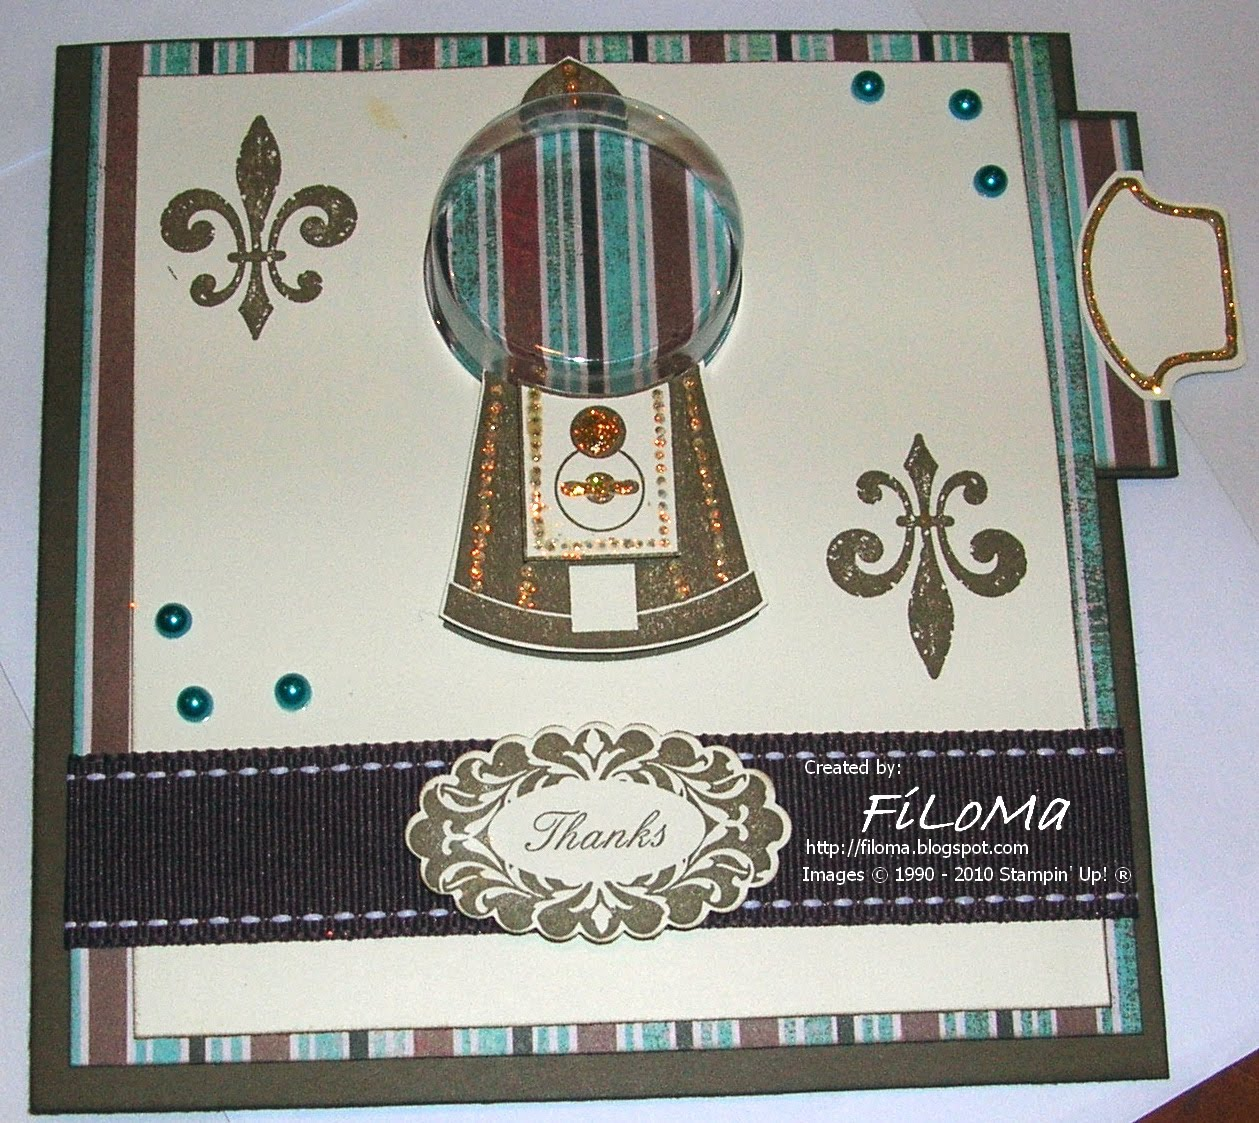 filoma's craft world farewell card